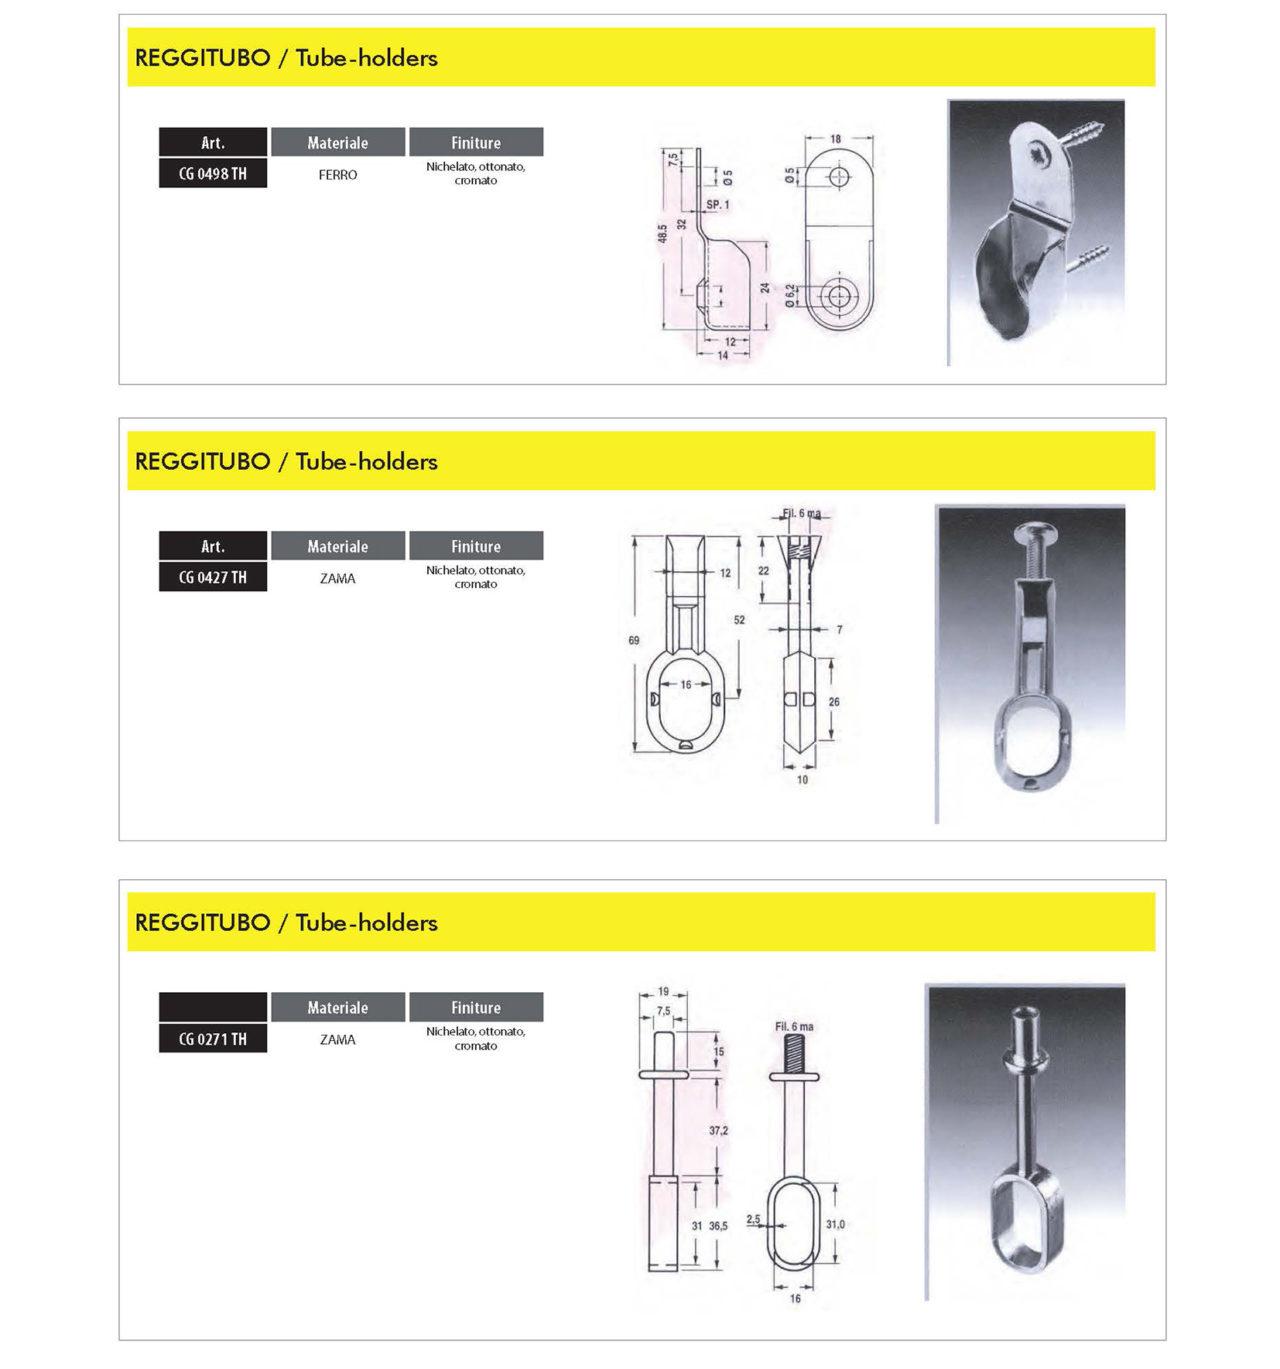 Pagine-da-CG-ferramenta_accessori-per-mobili-IIE-1280x1369.jpg